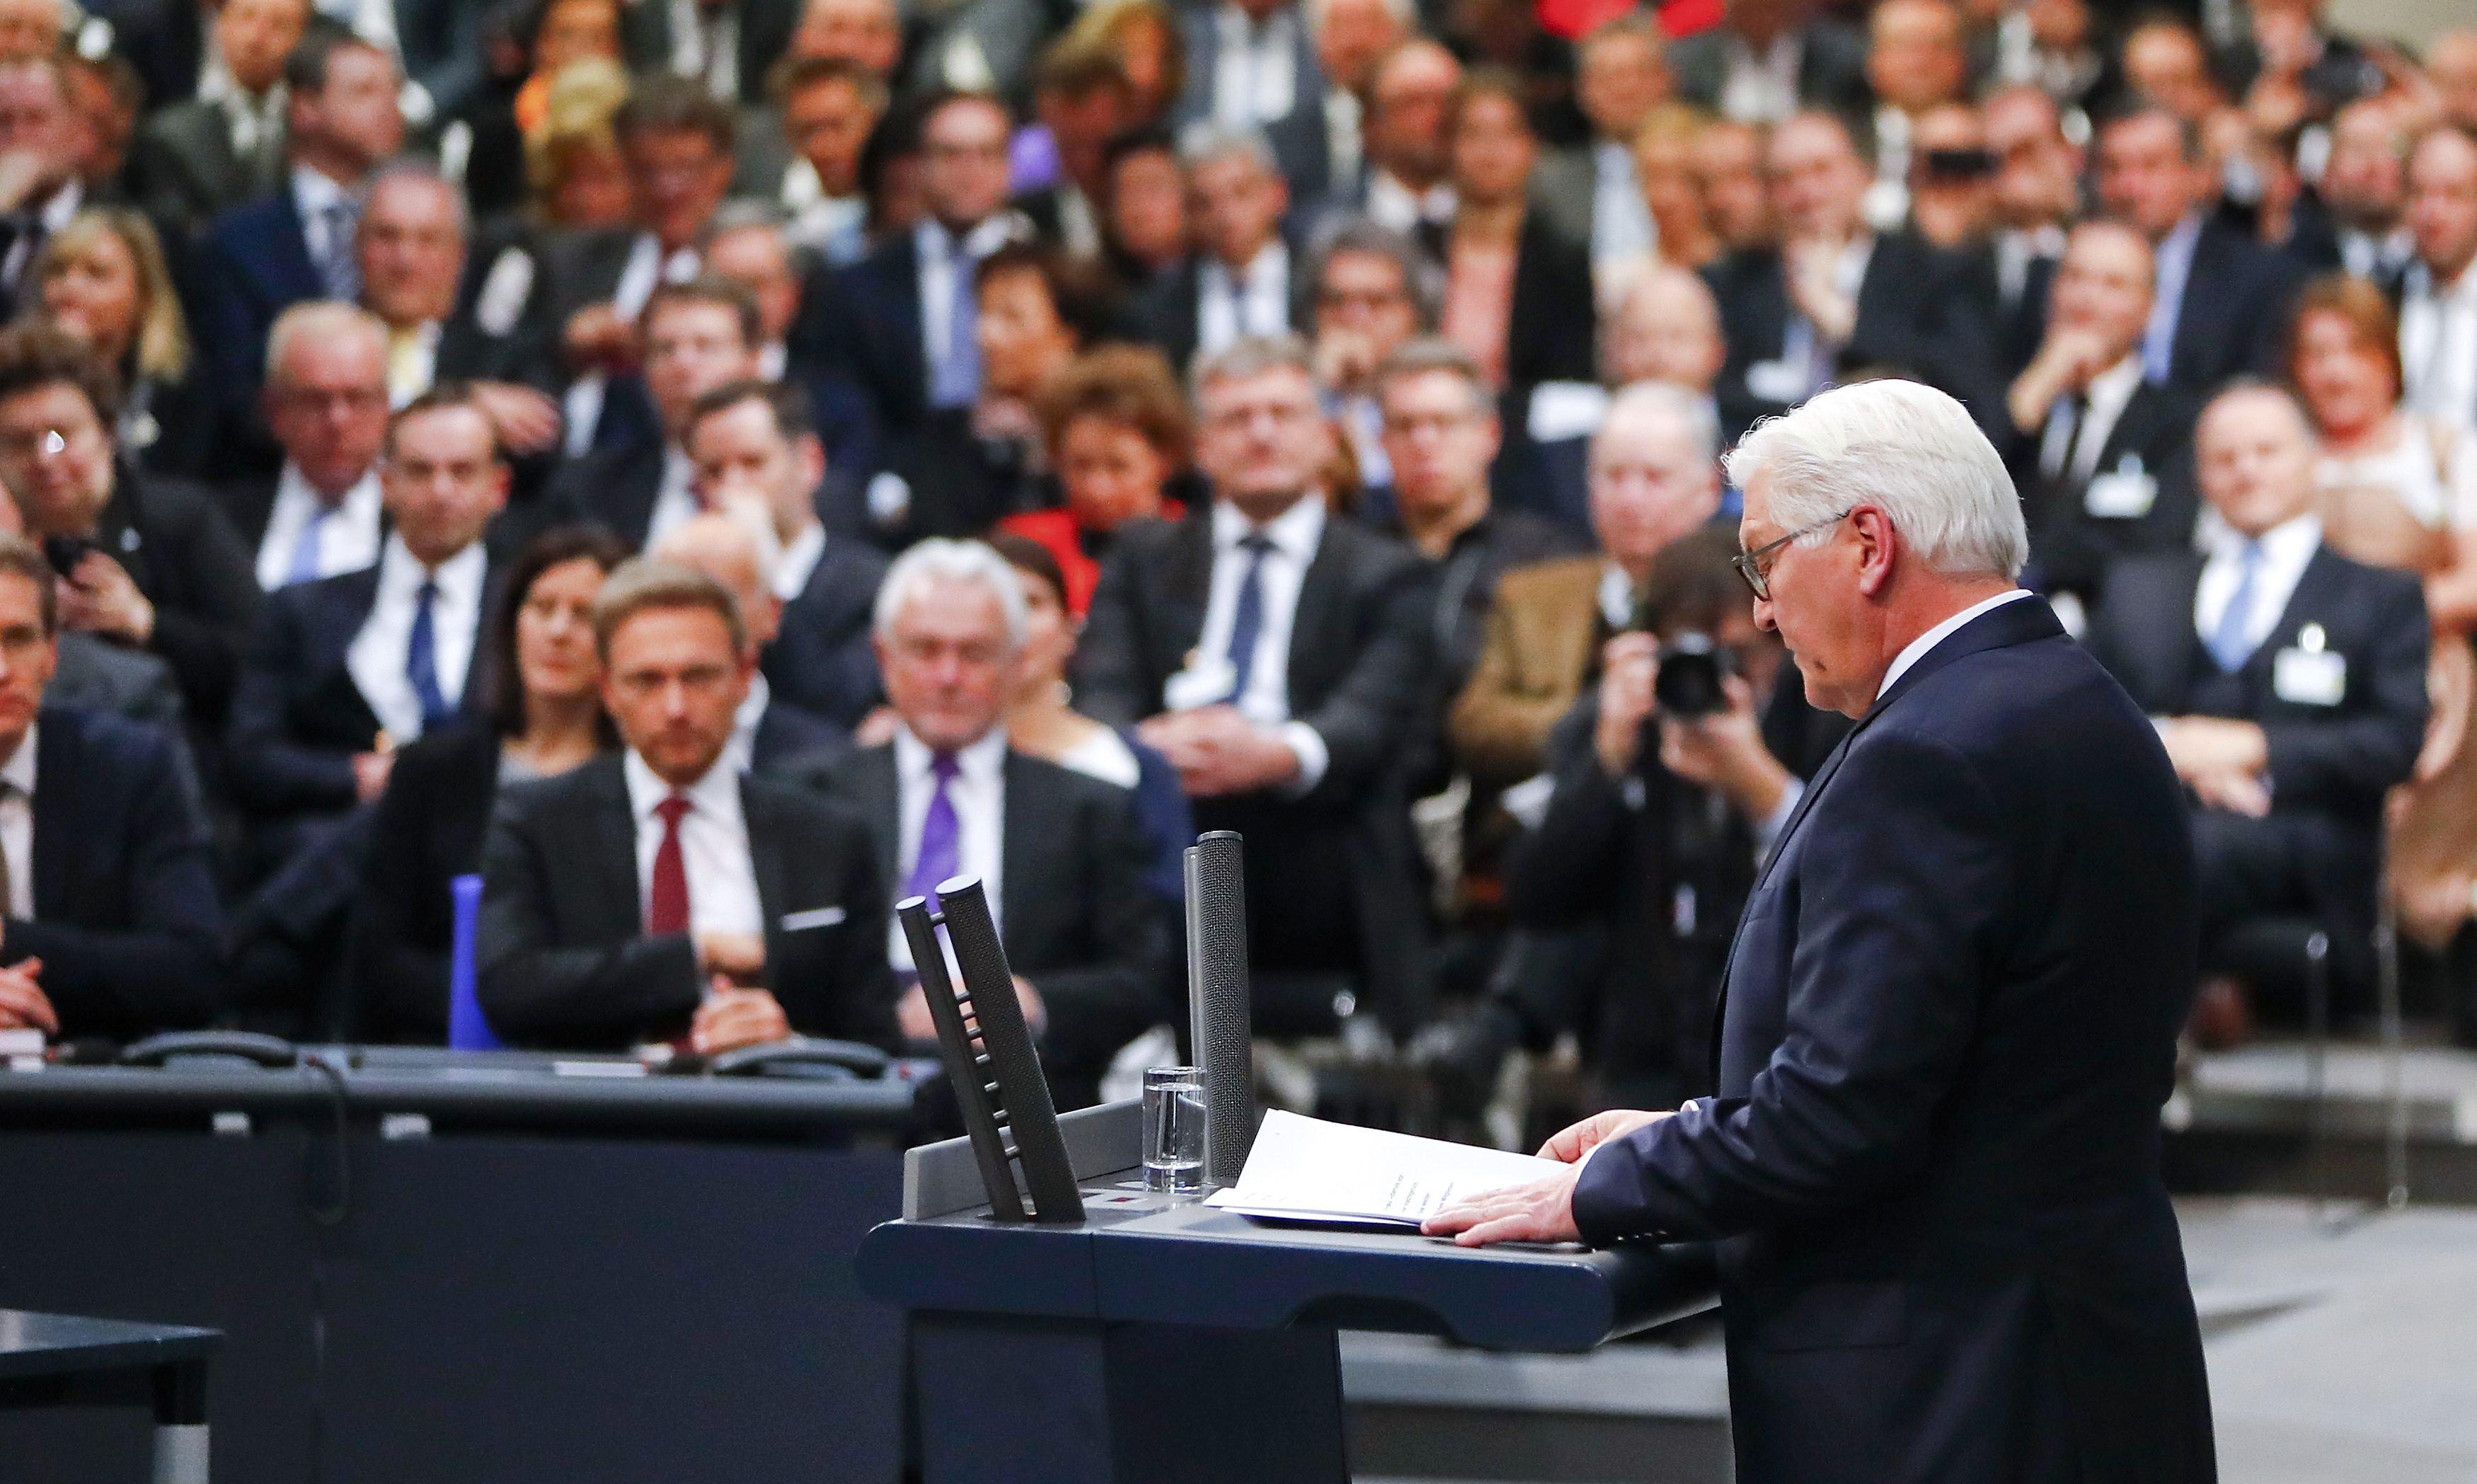 فوز  شتاينماير بالرئاسة الألمانية